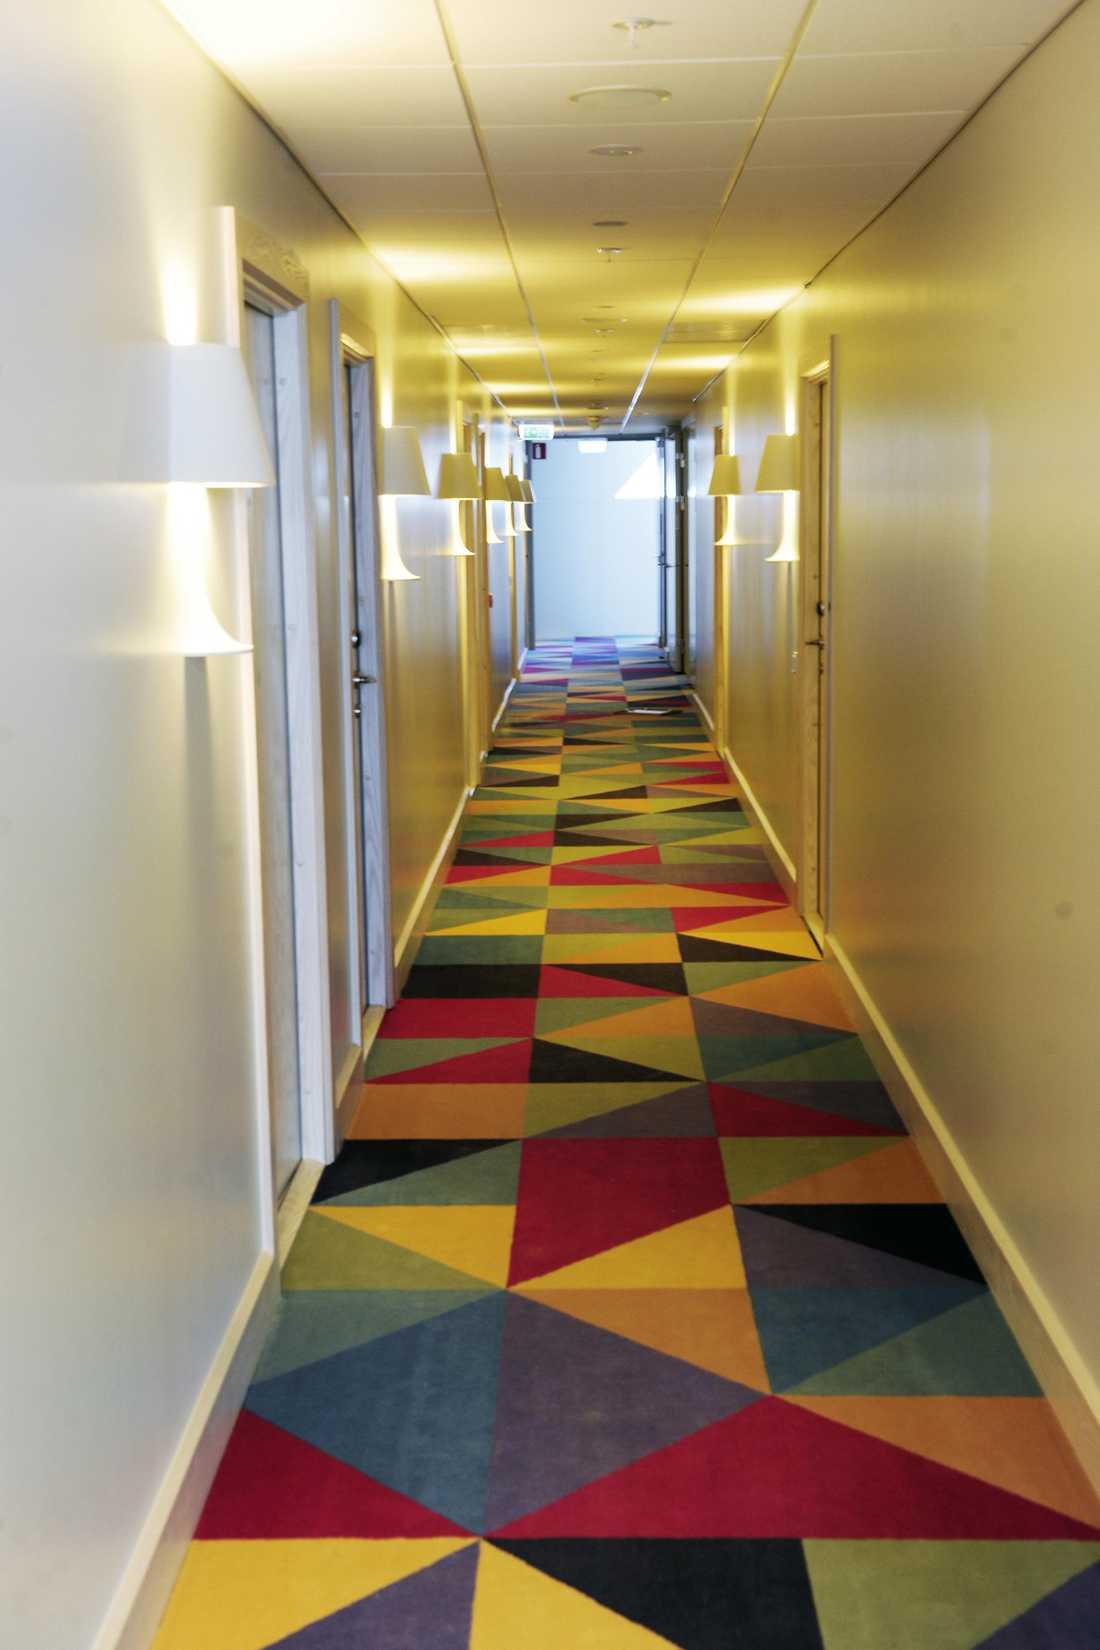 Trekantsmönstret från fönstren går igen i korridorernas mattor.